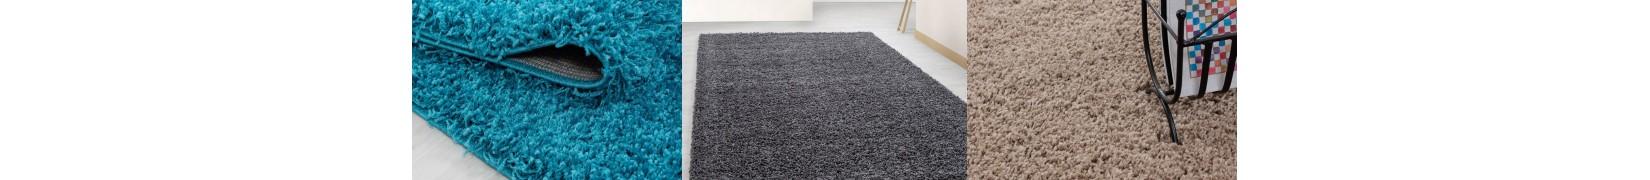 Dywany Shaggy kudłacze - najlepsze do salonu lub sypialni